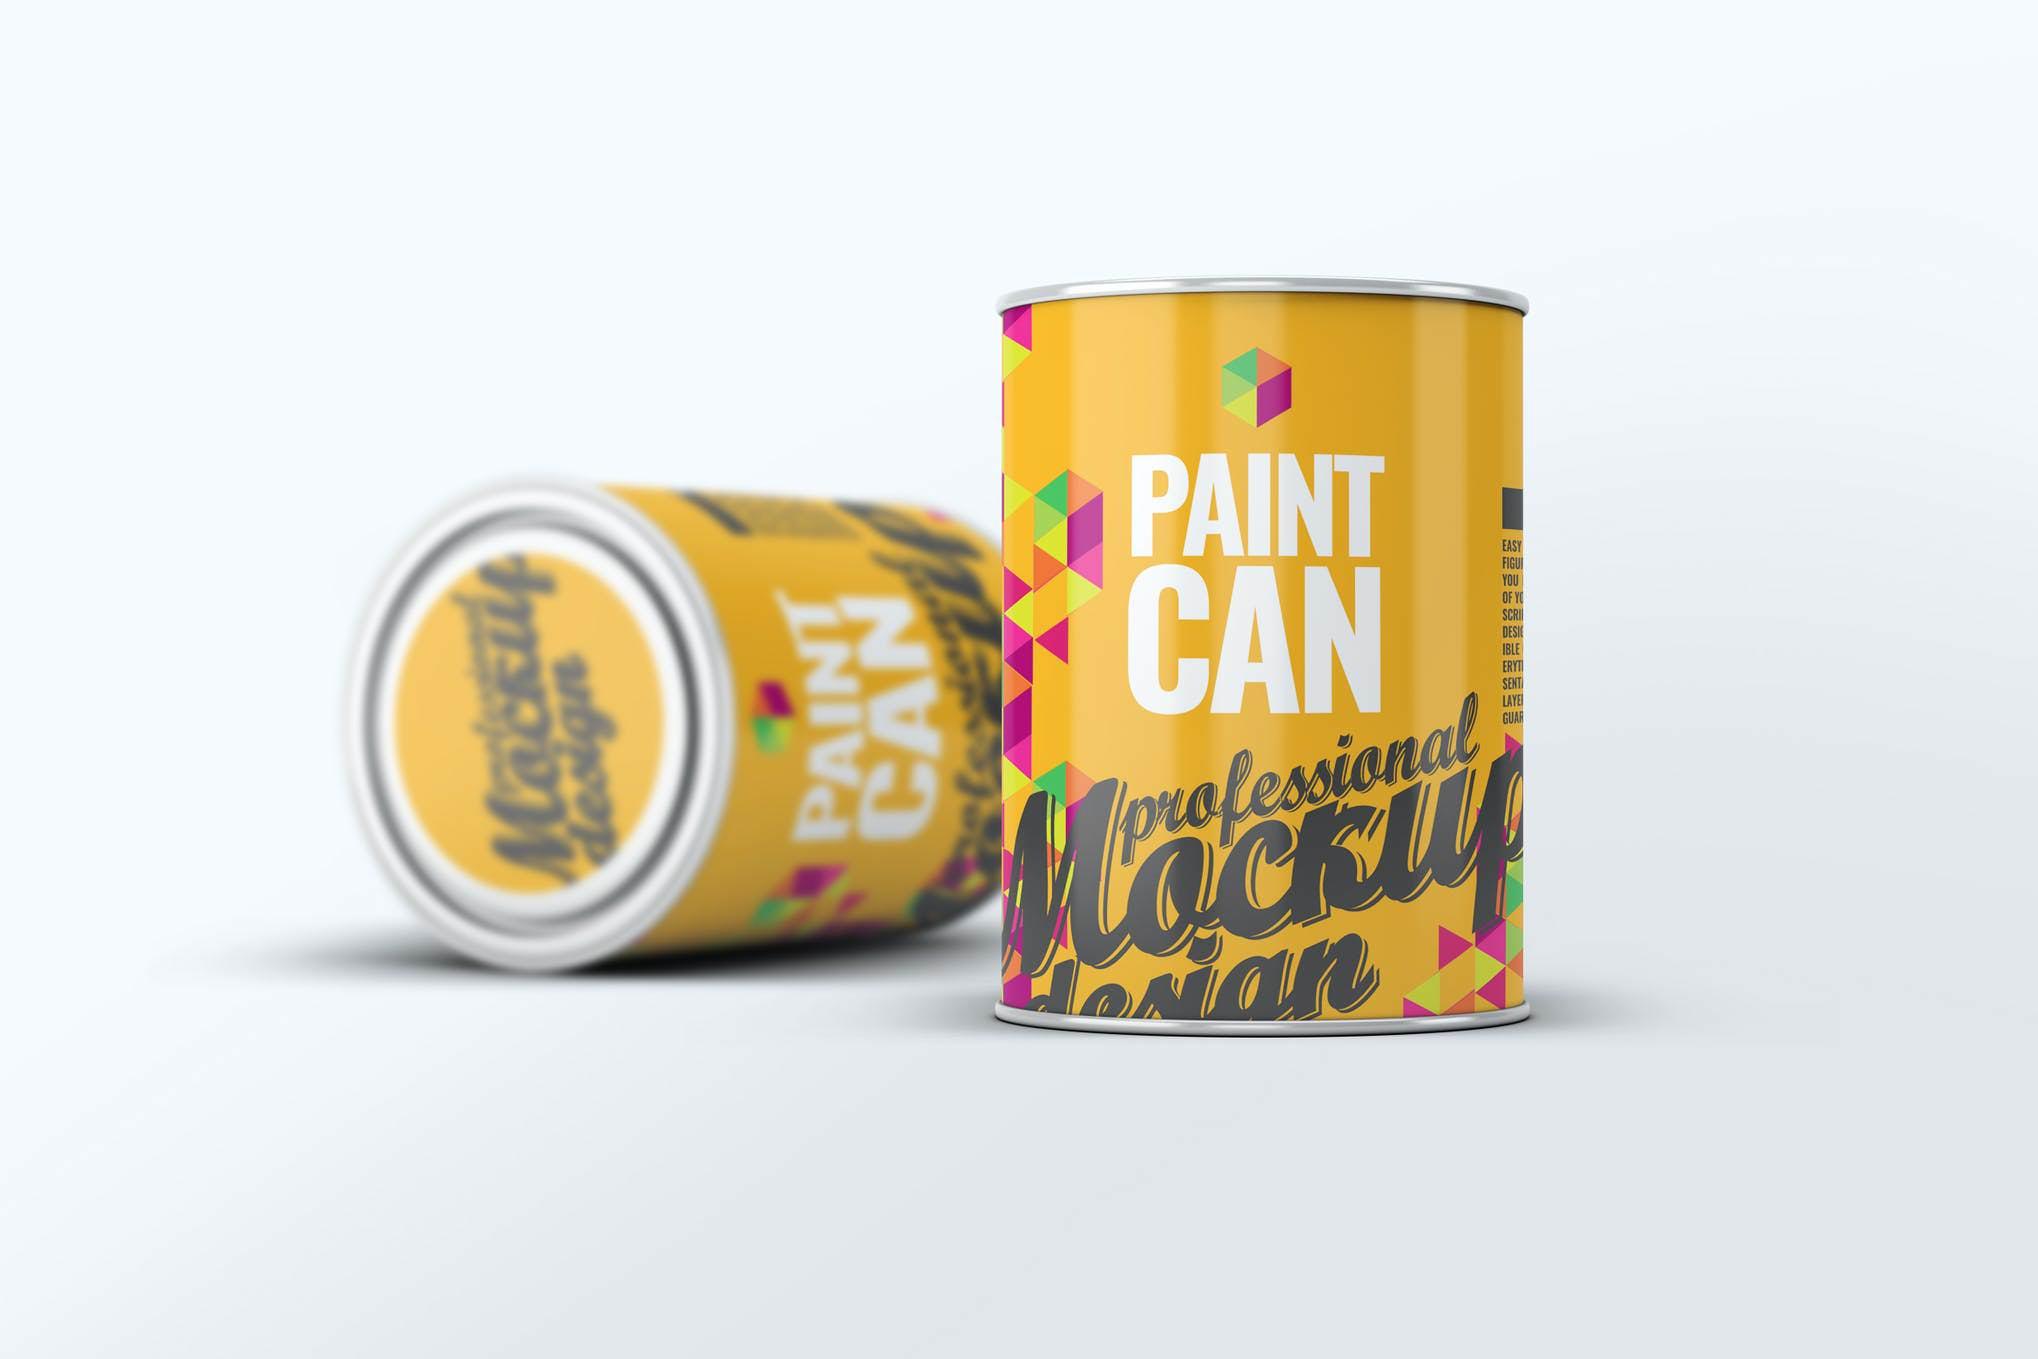 油漆桶样机效果图插图(1)